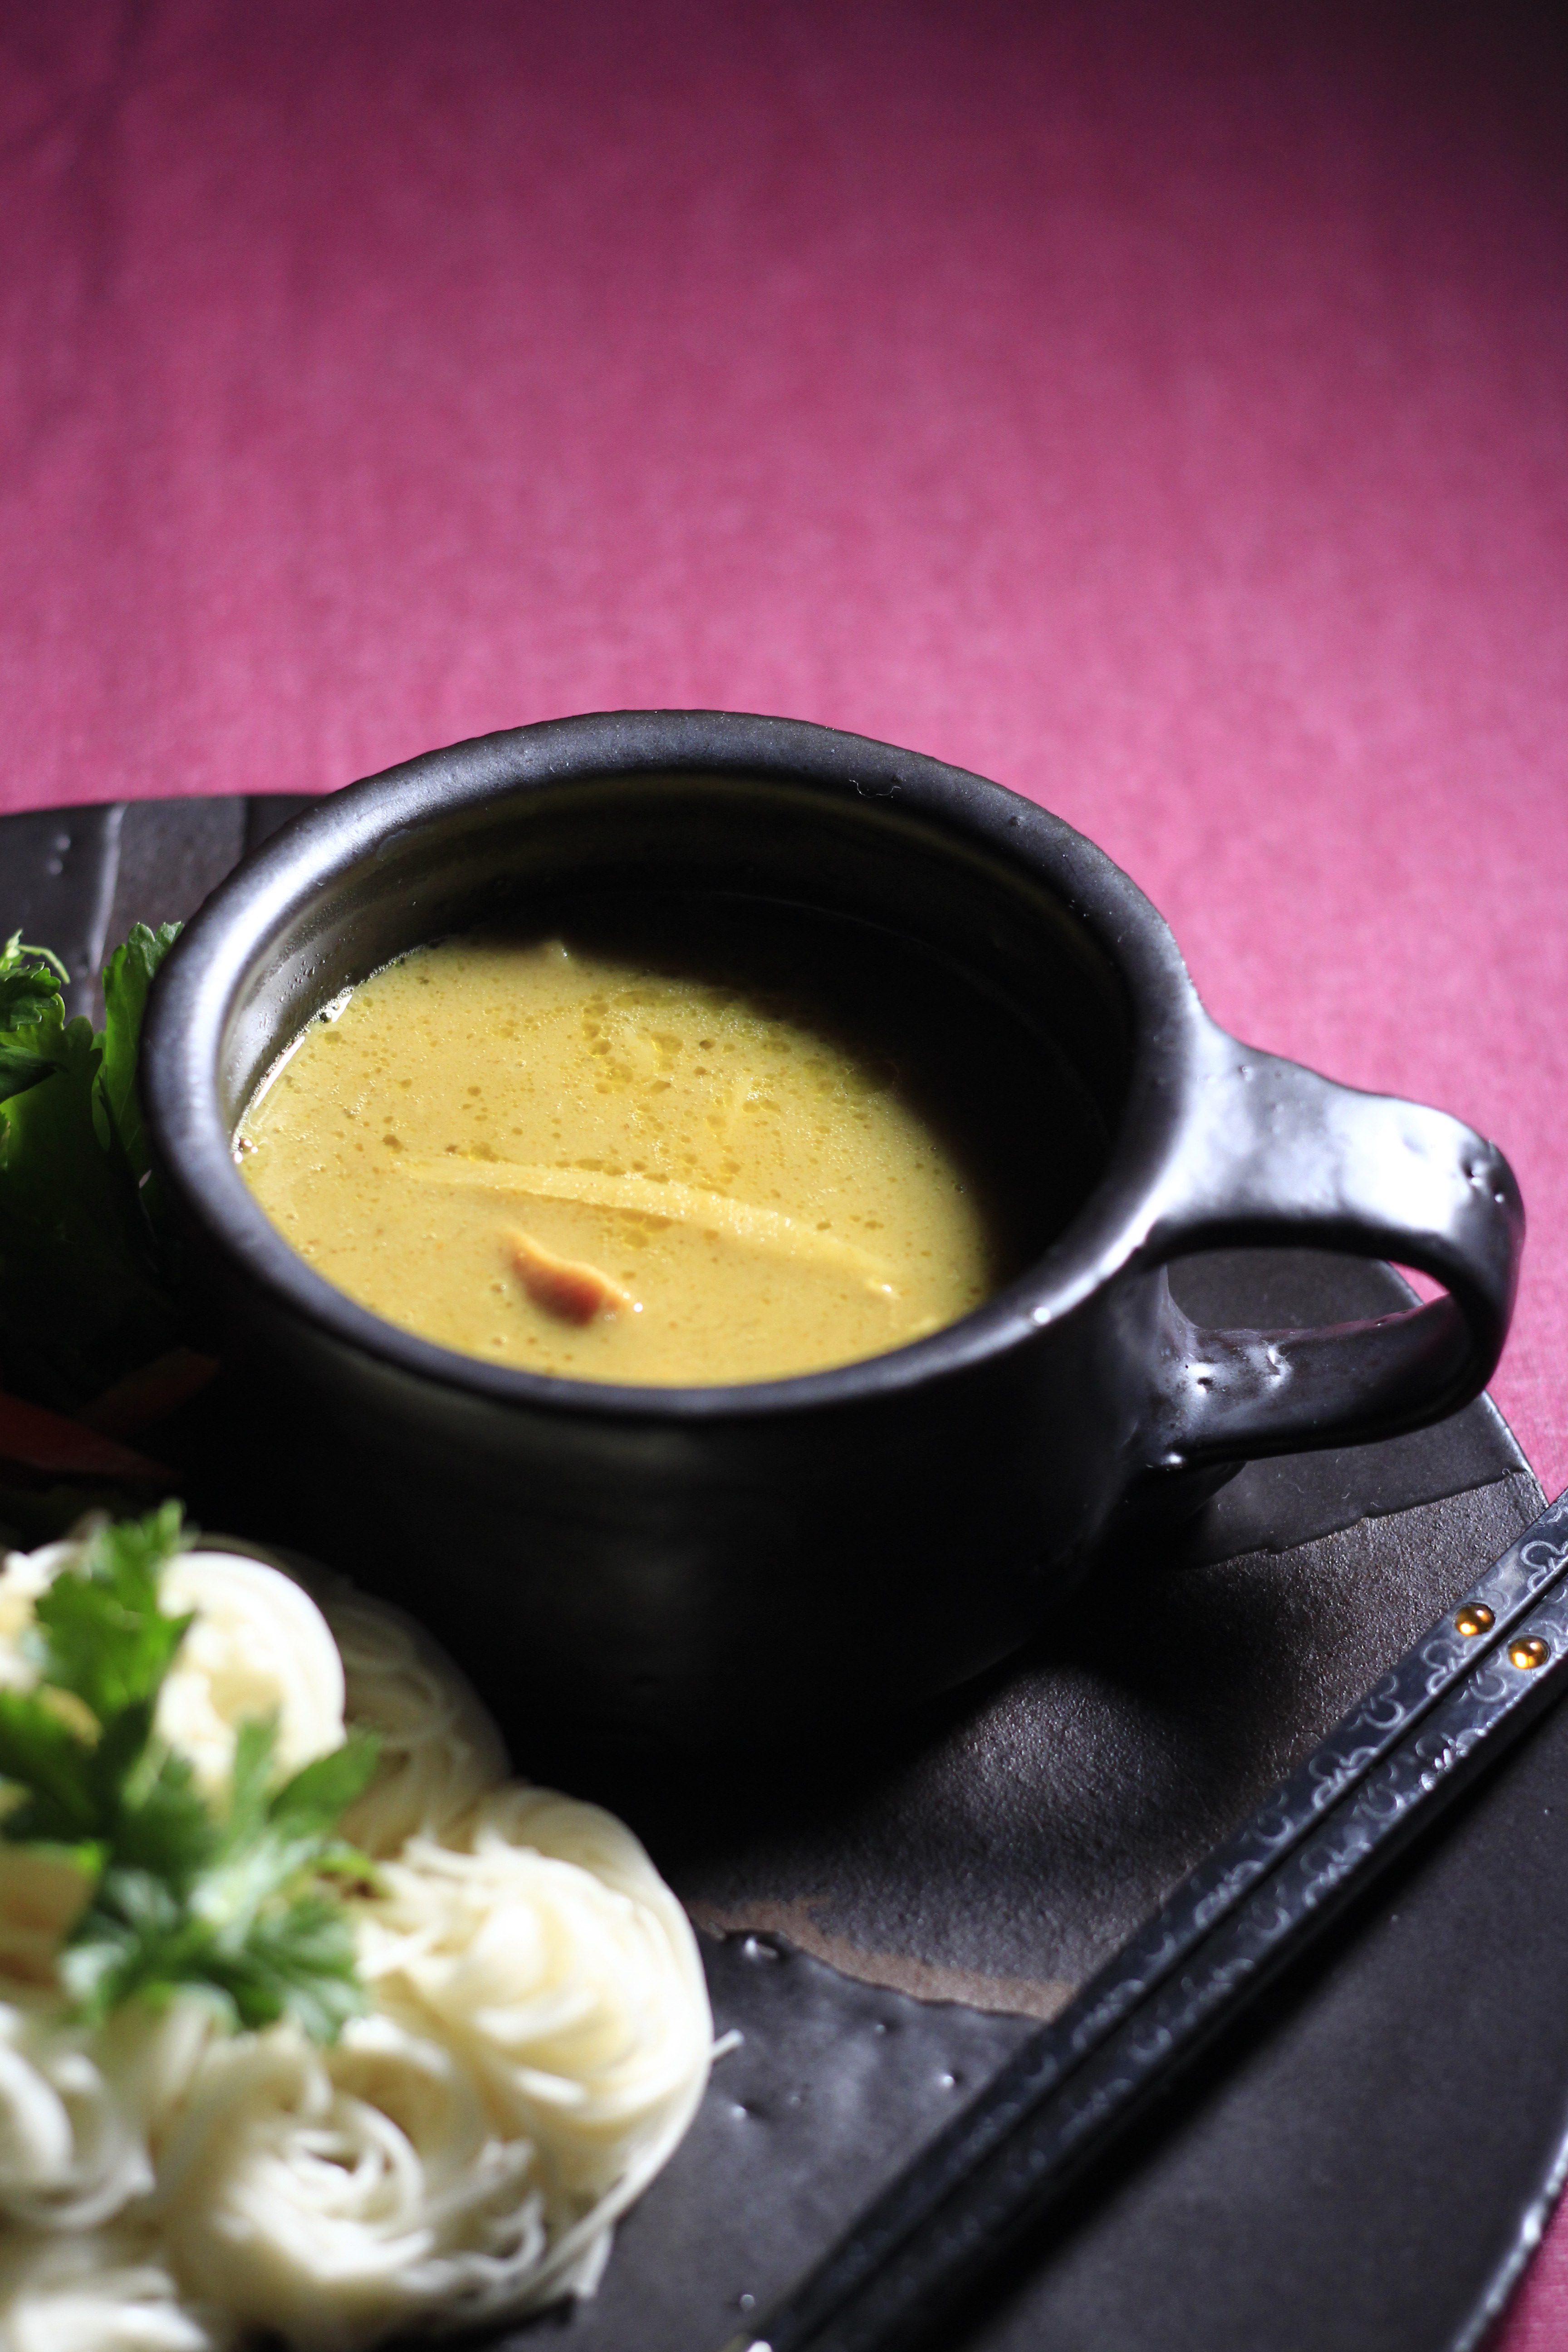 大嶺工房のやちむん黒いスープカップ